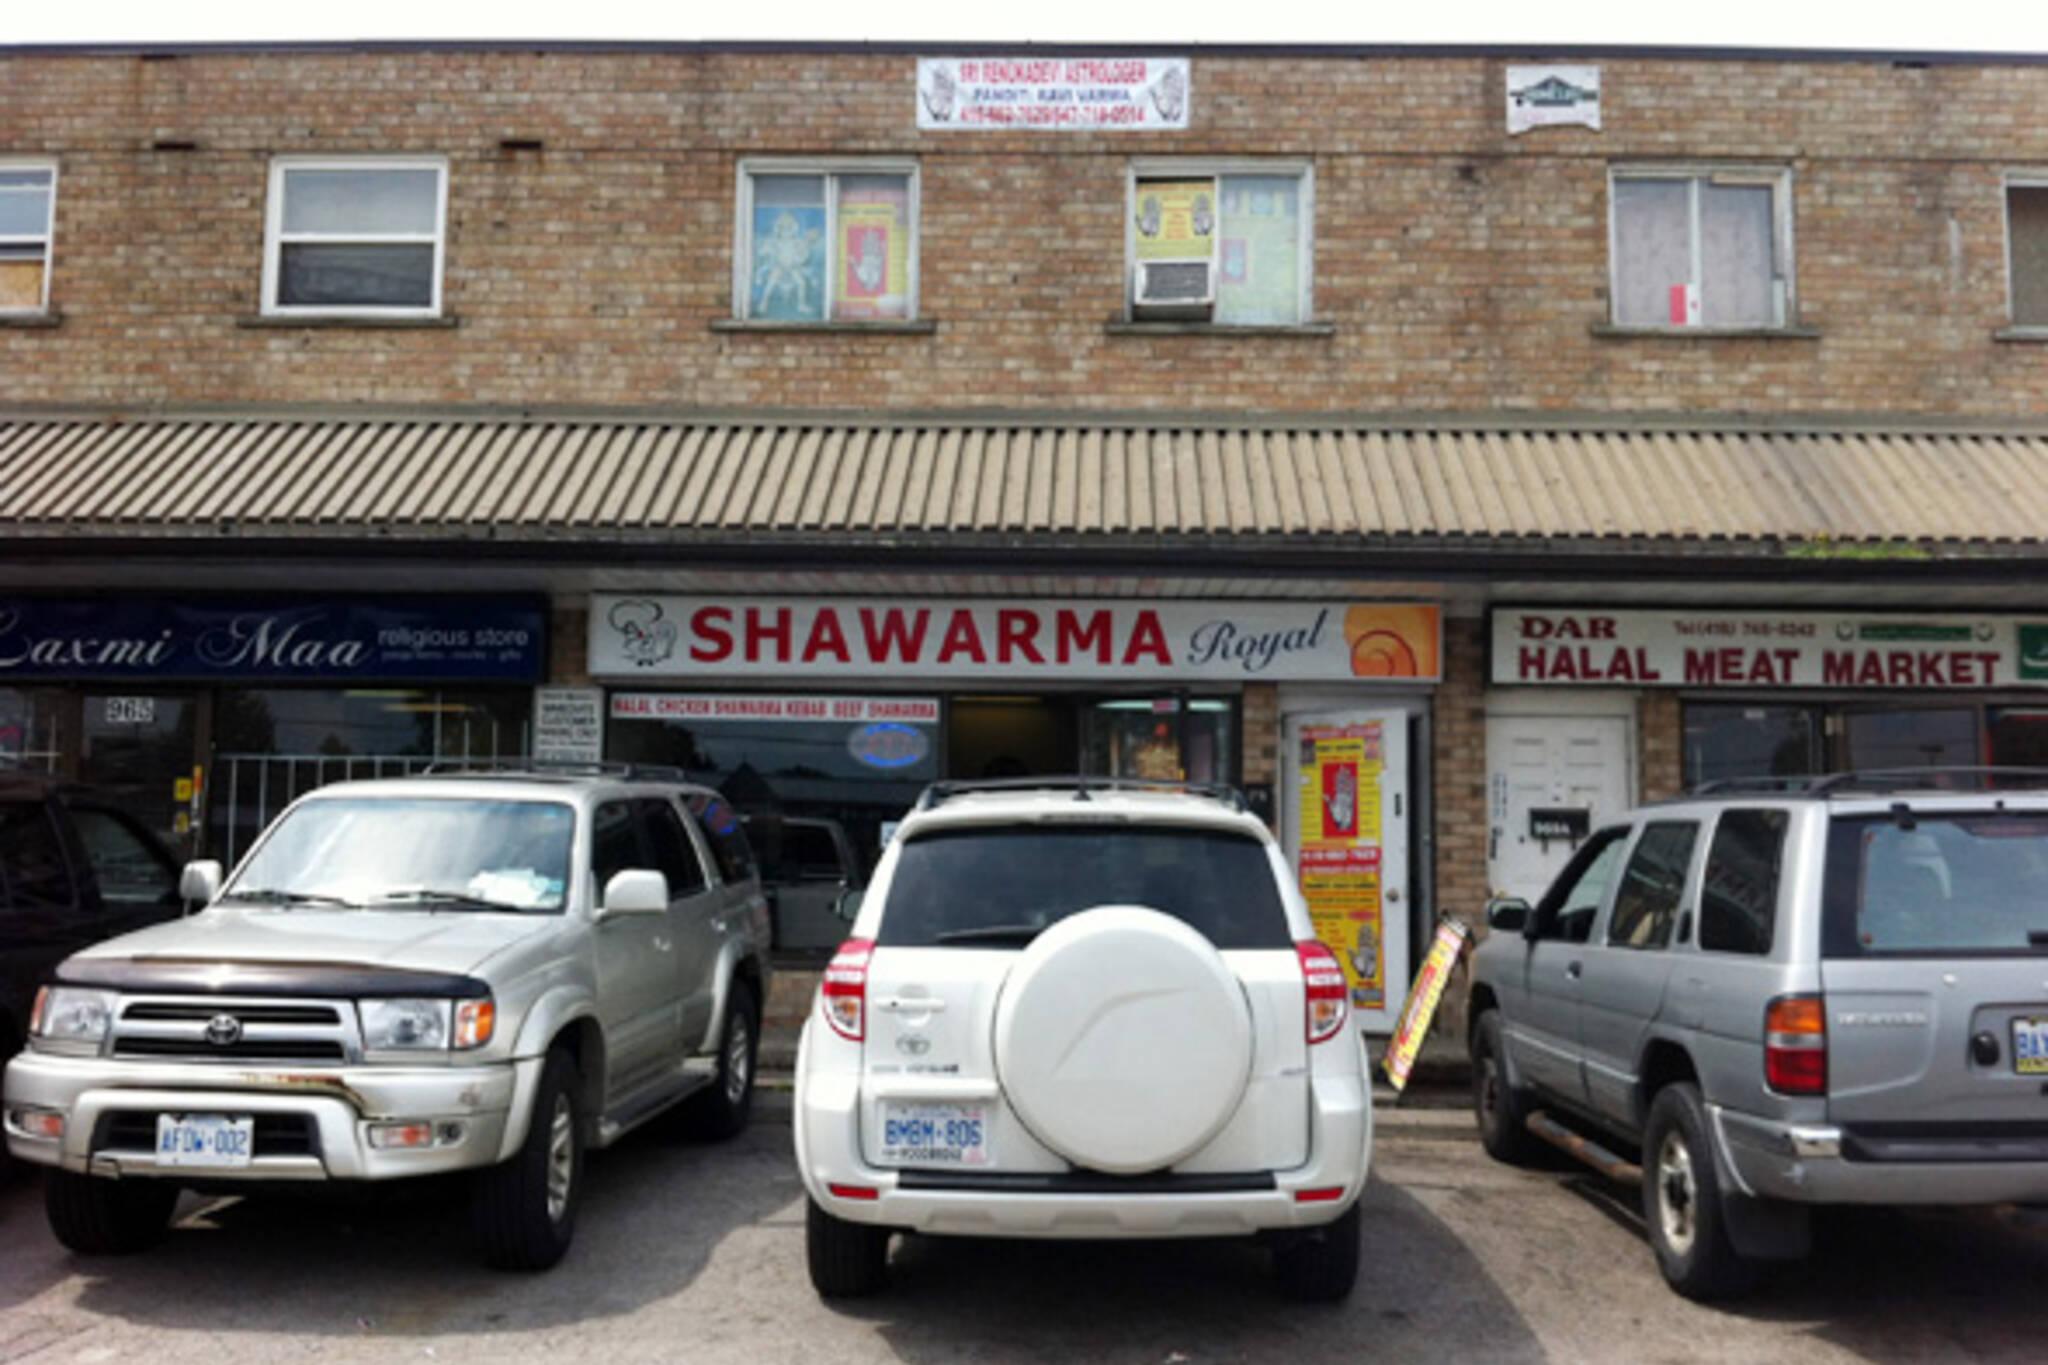 Shawarma Royal